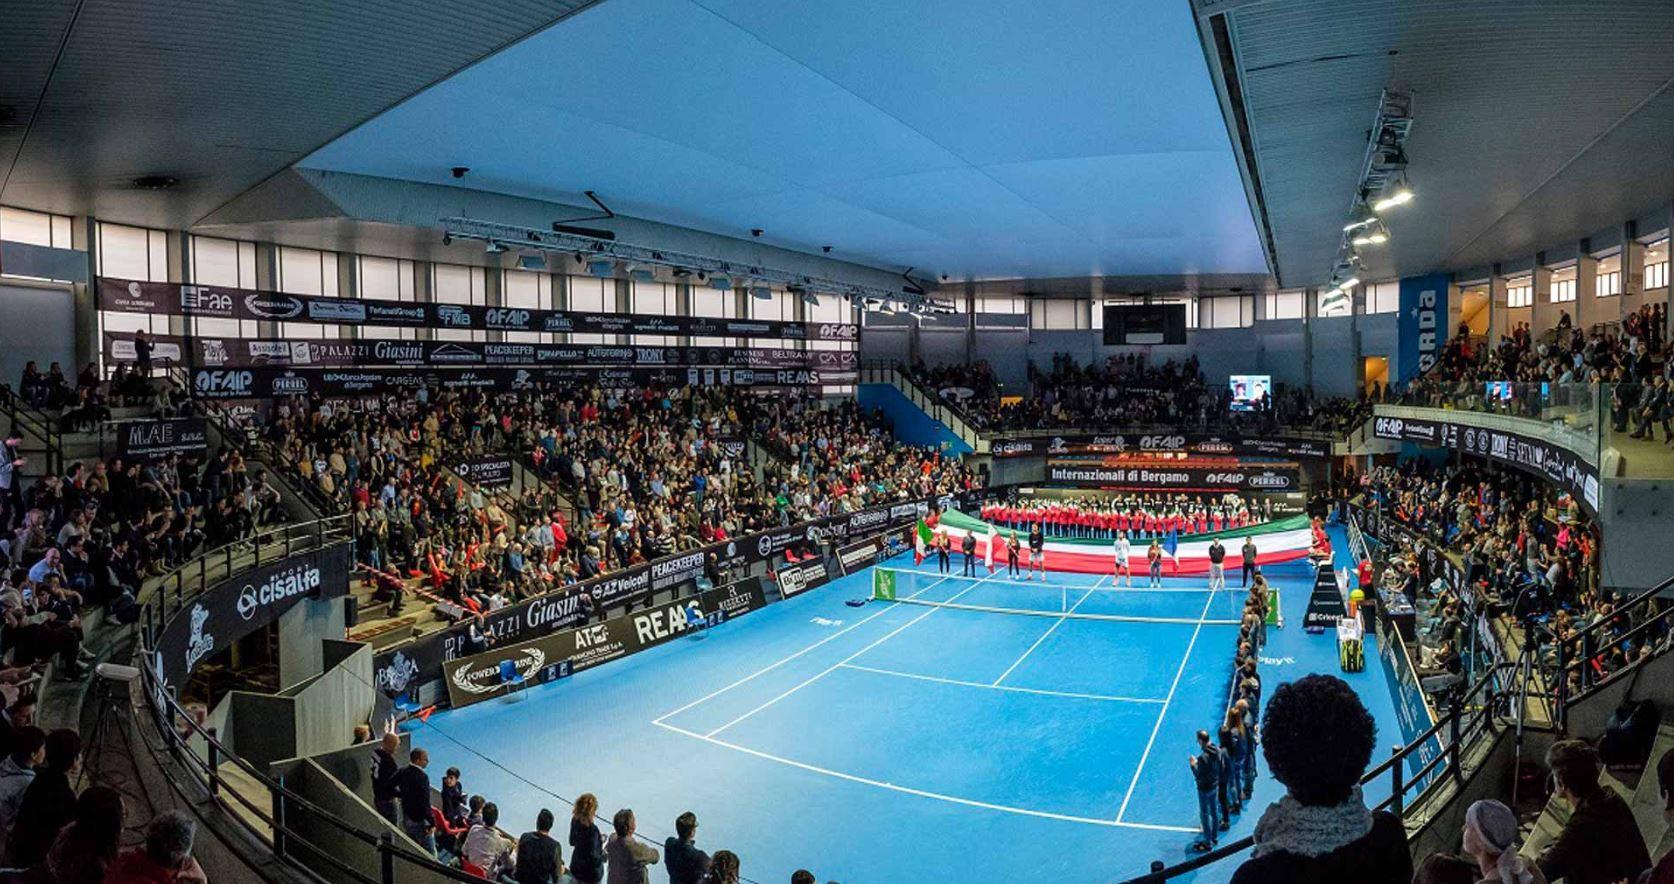 CHalllene - Finalista sta si razdelila ATP točke in denarno nagrado